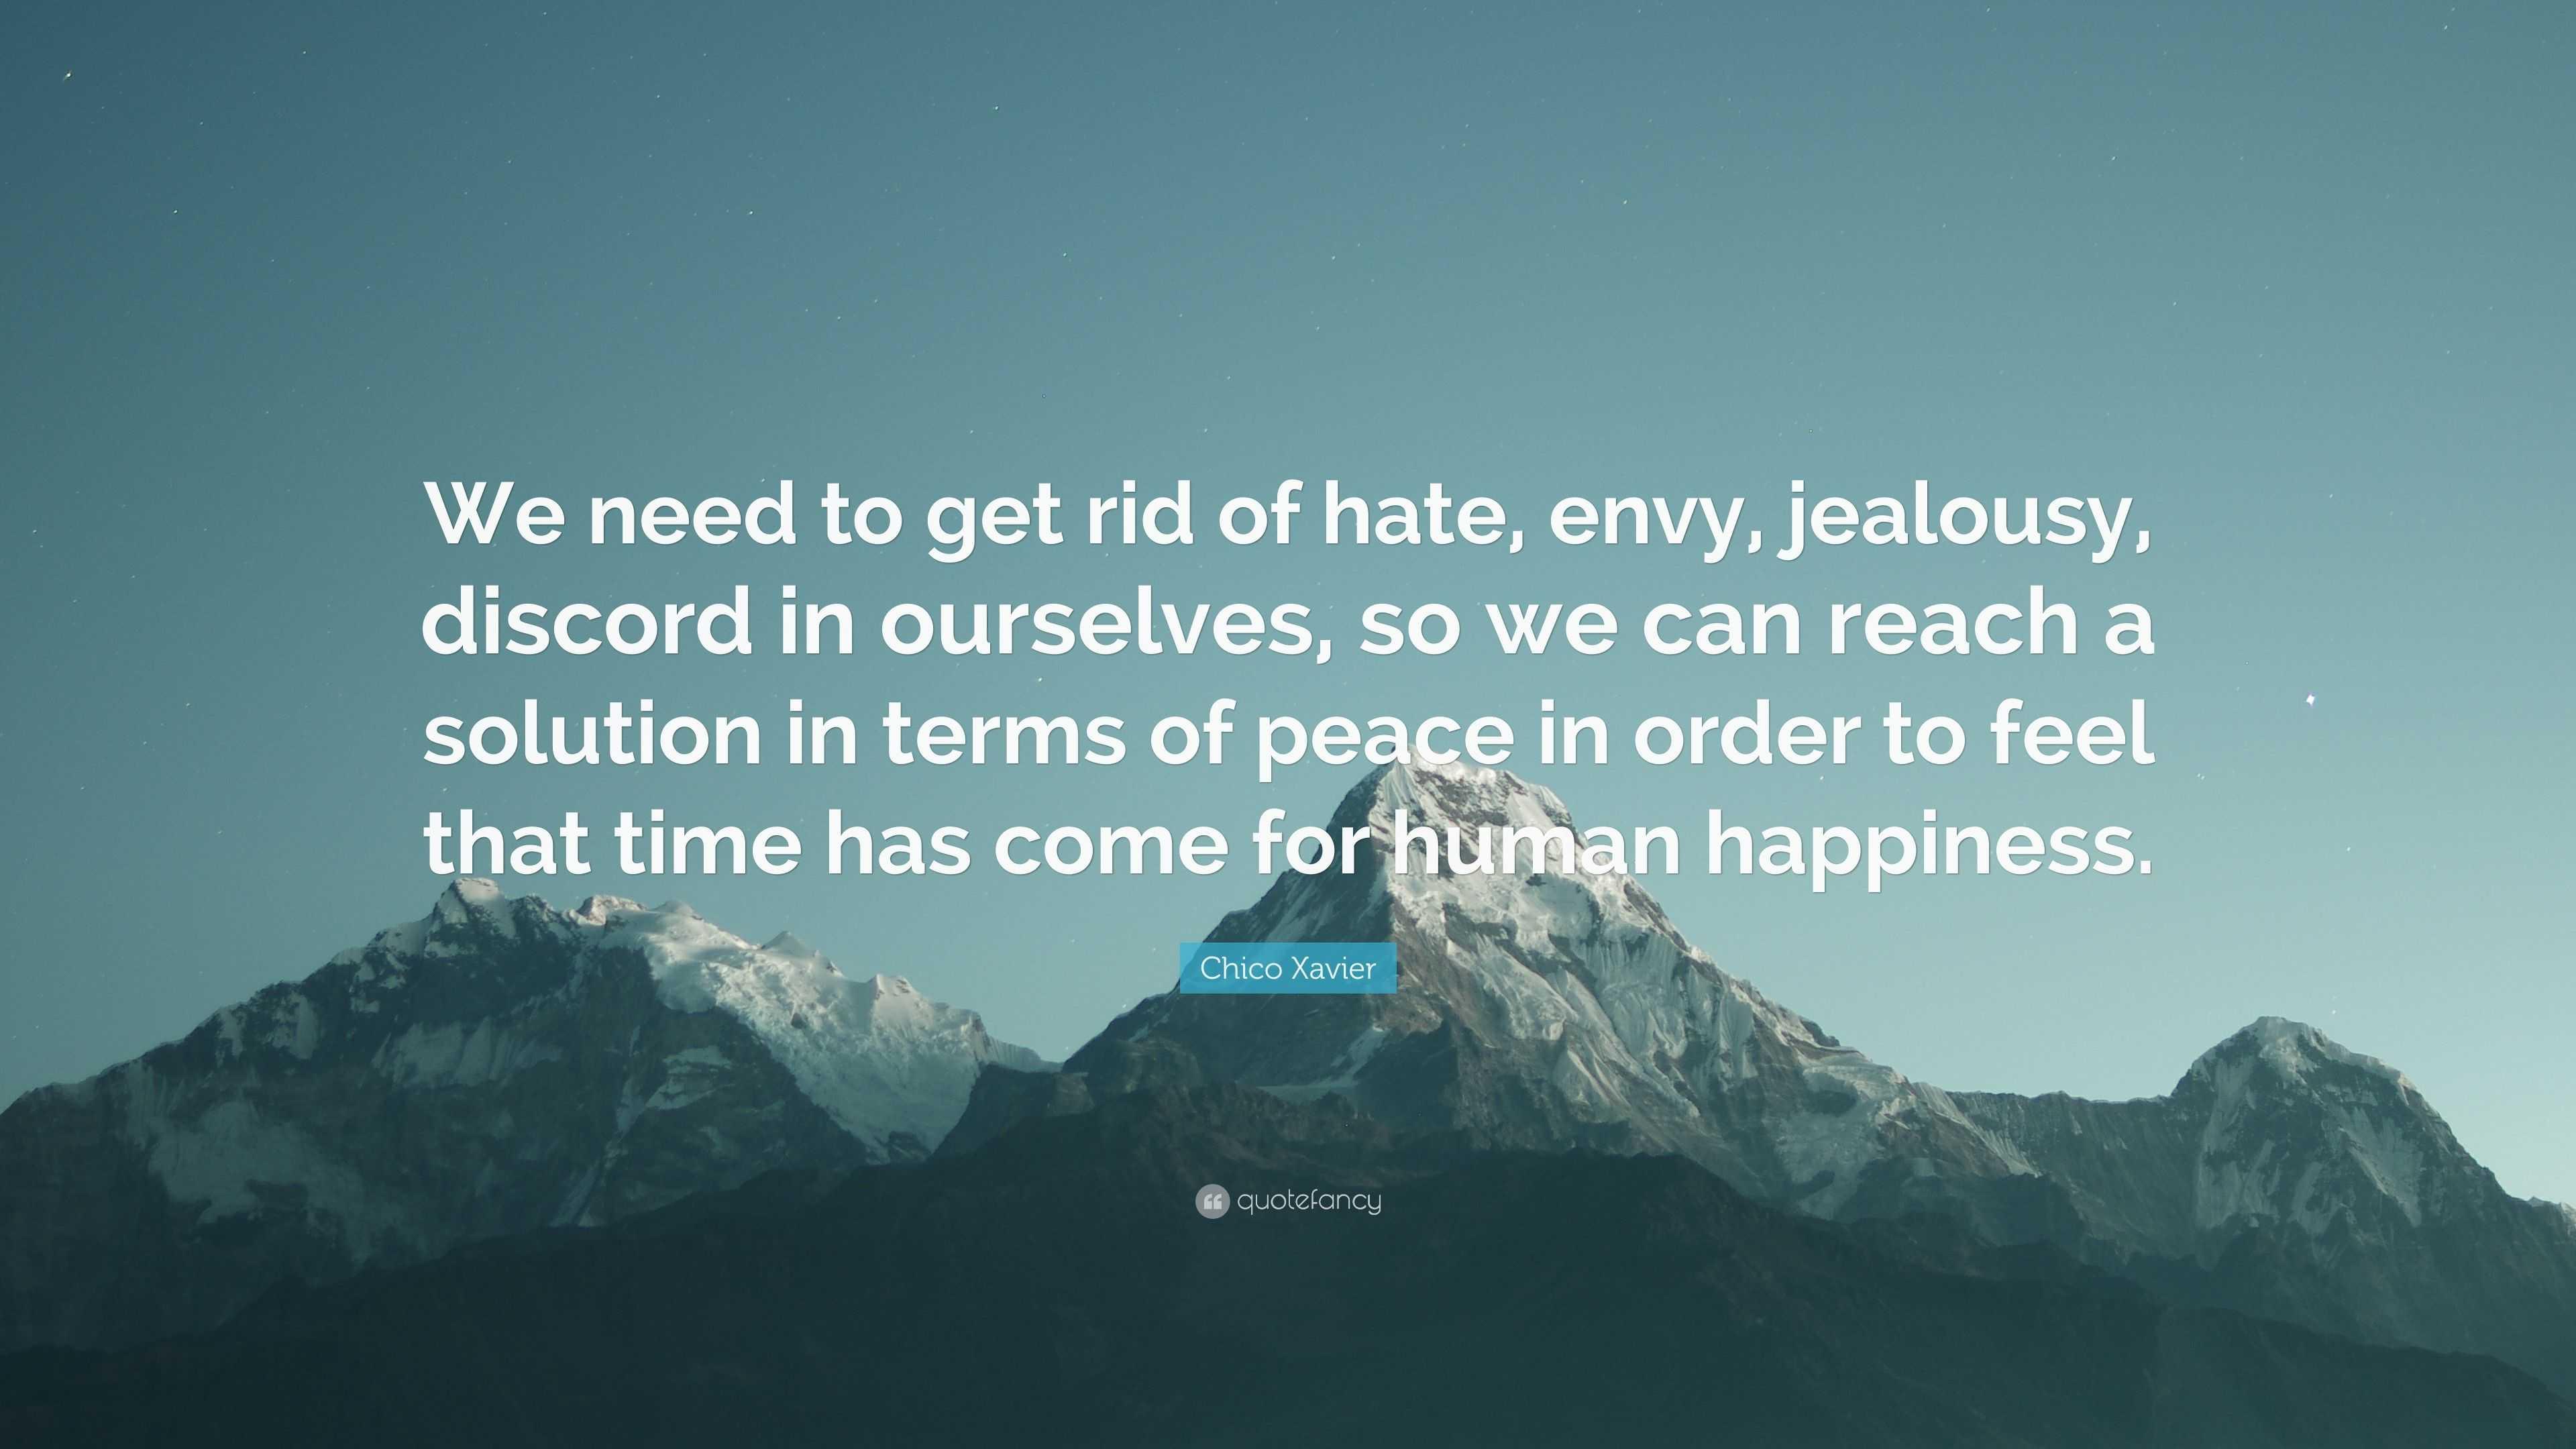 Get rid of jealousy